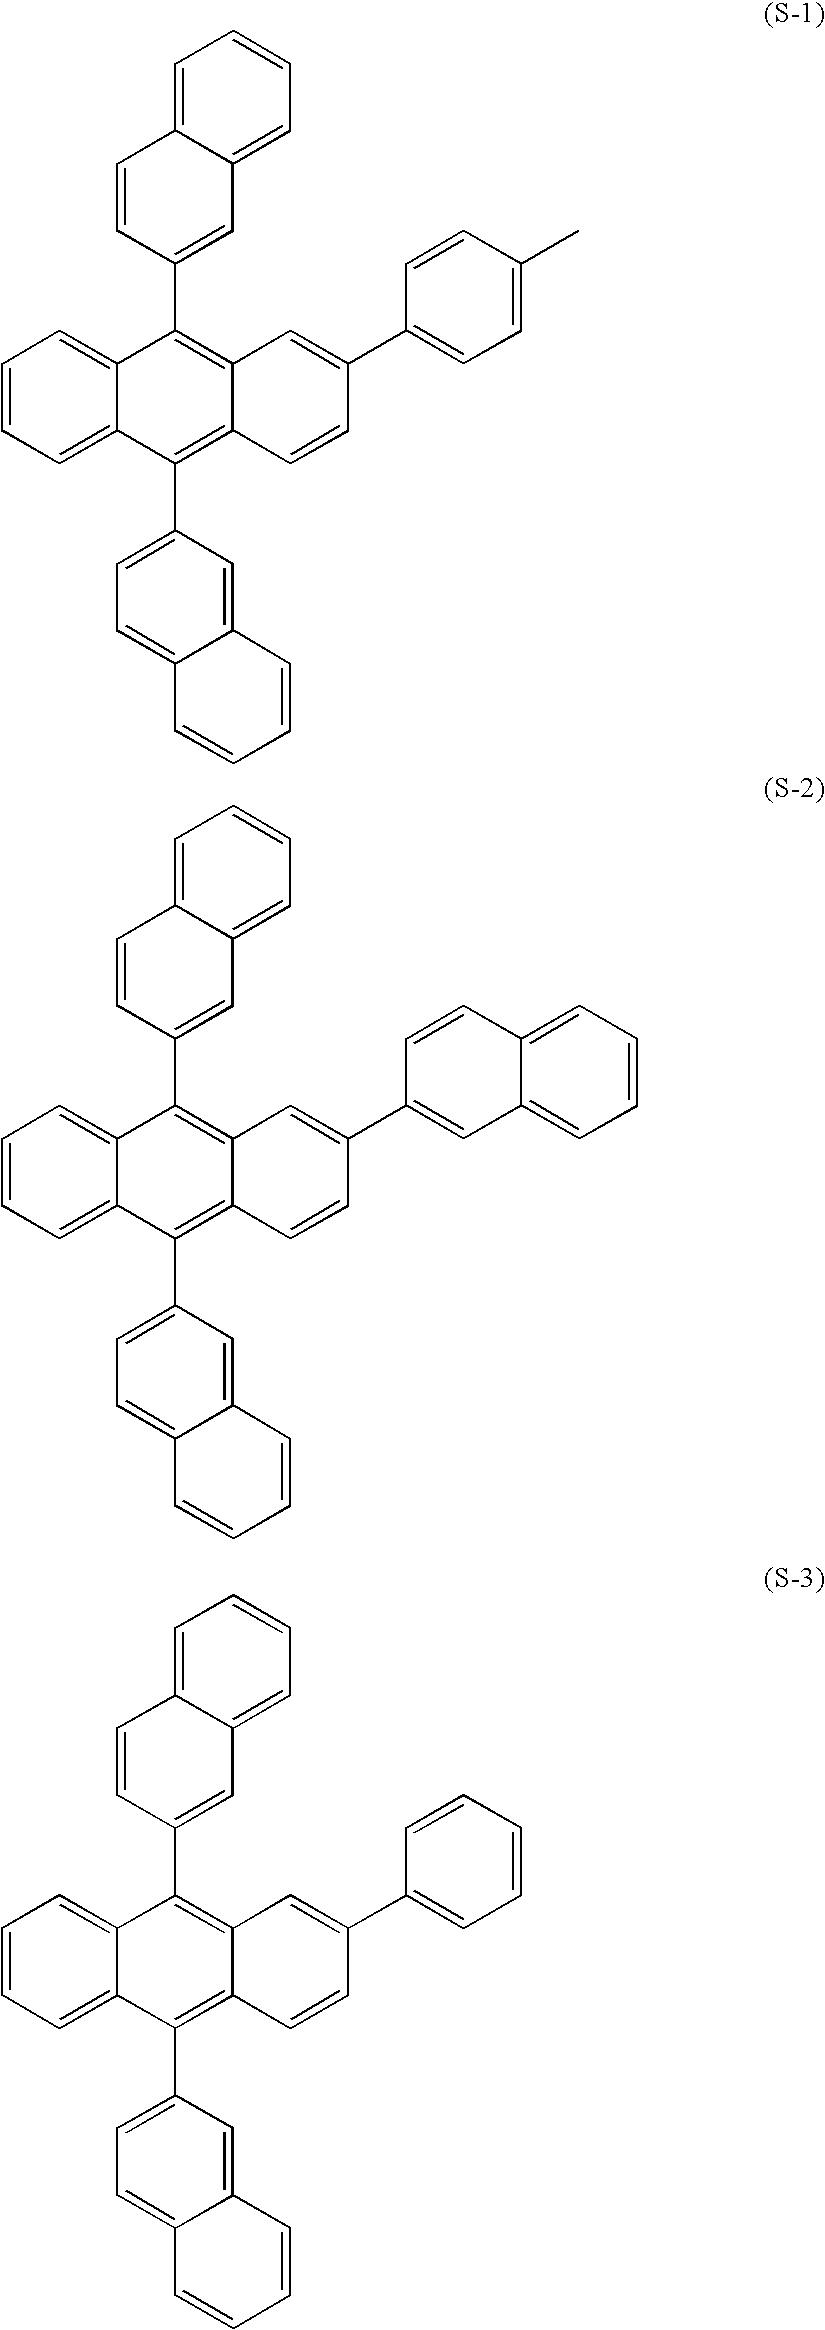 Figure US20090191427A1-20090730-C00066